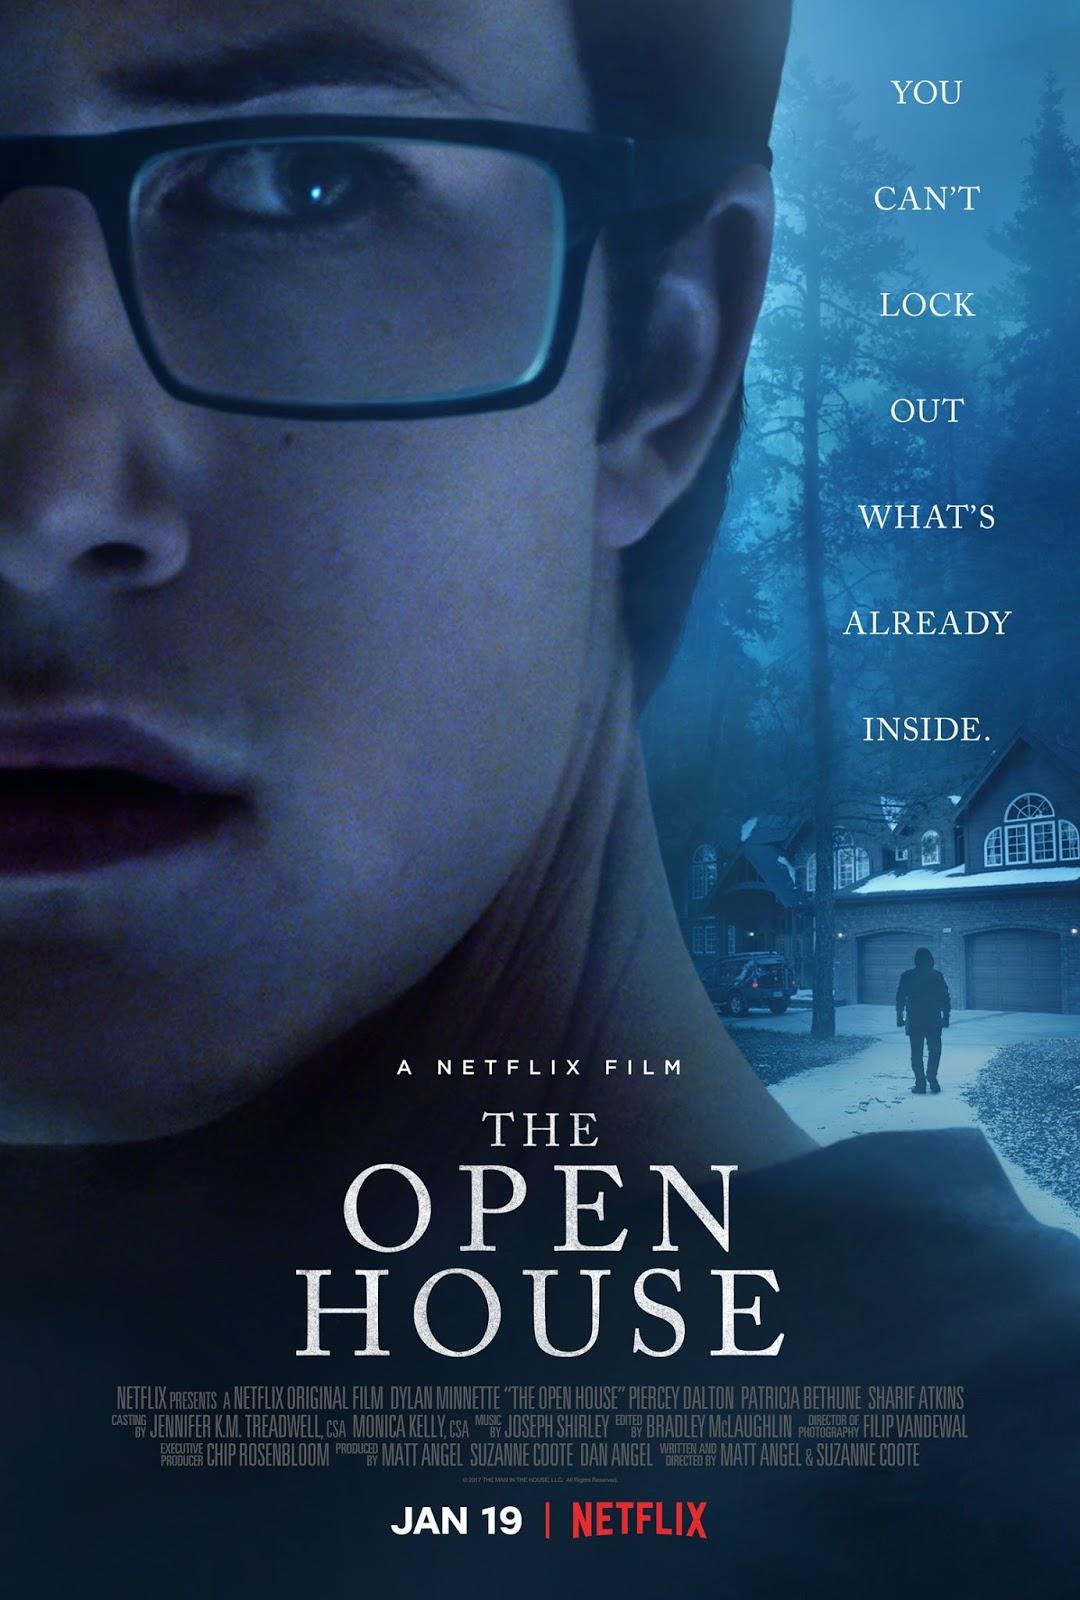 Vende-se Esta Casa 2018 Dublado